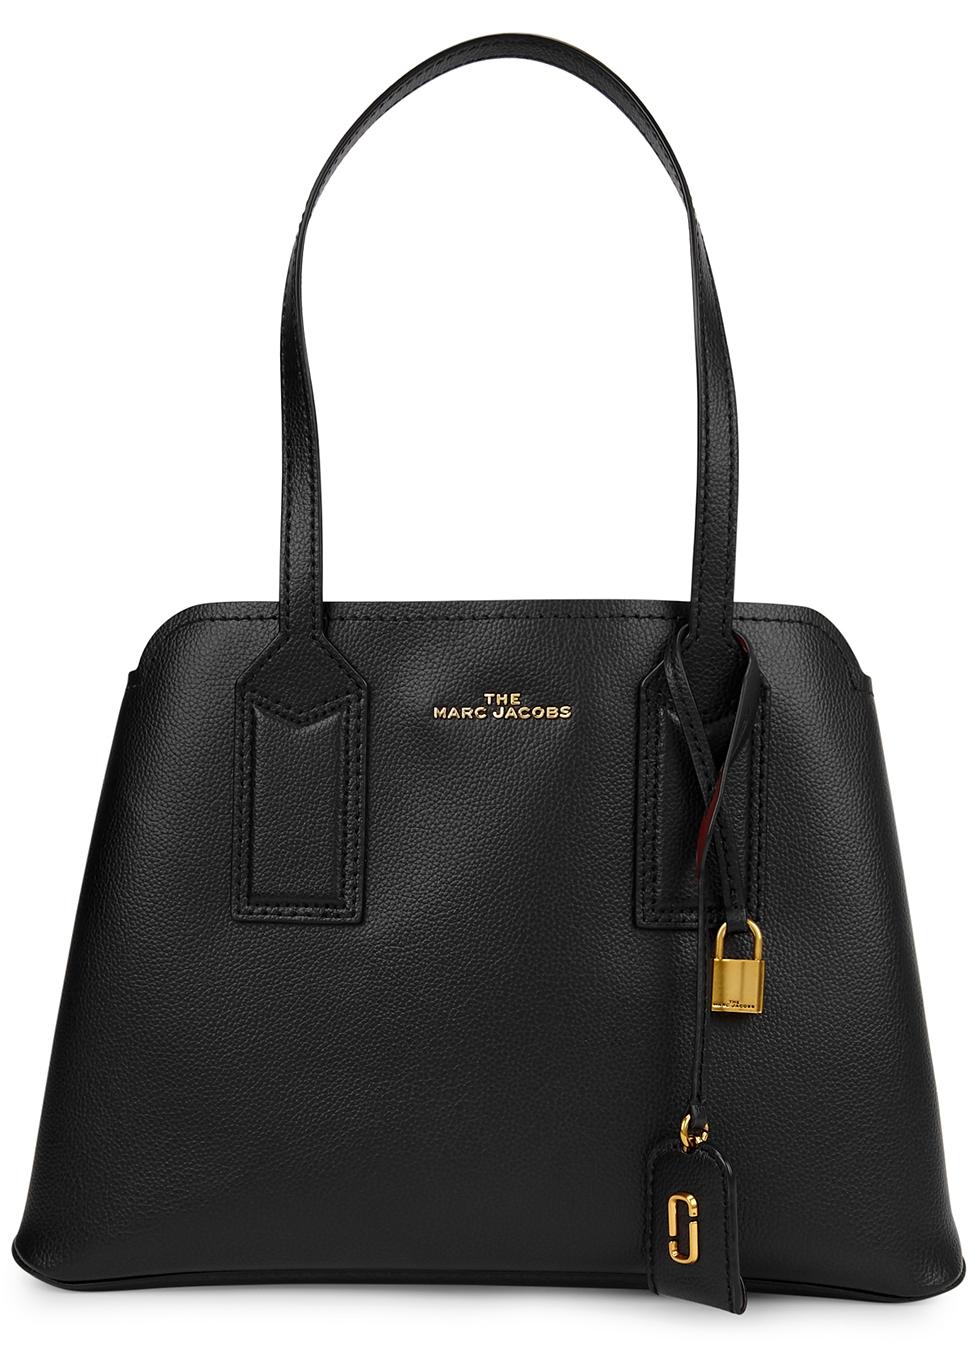 The Editor 38 black leather shoulder bag